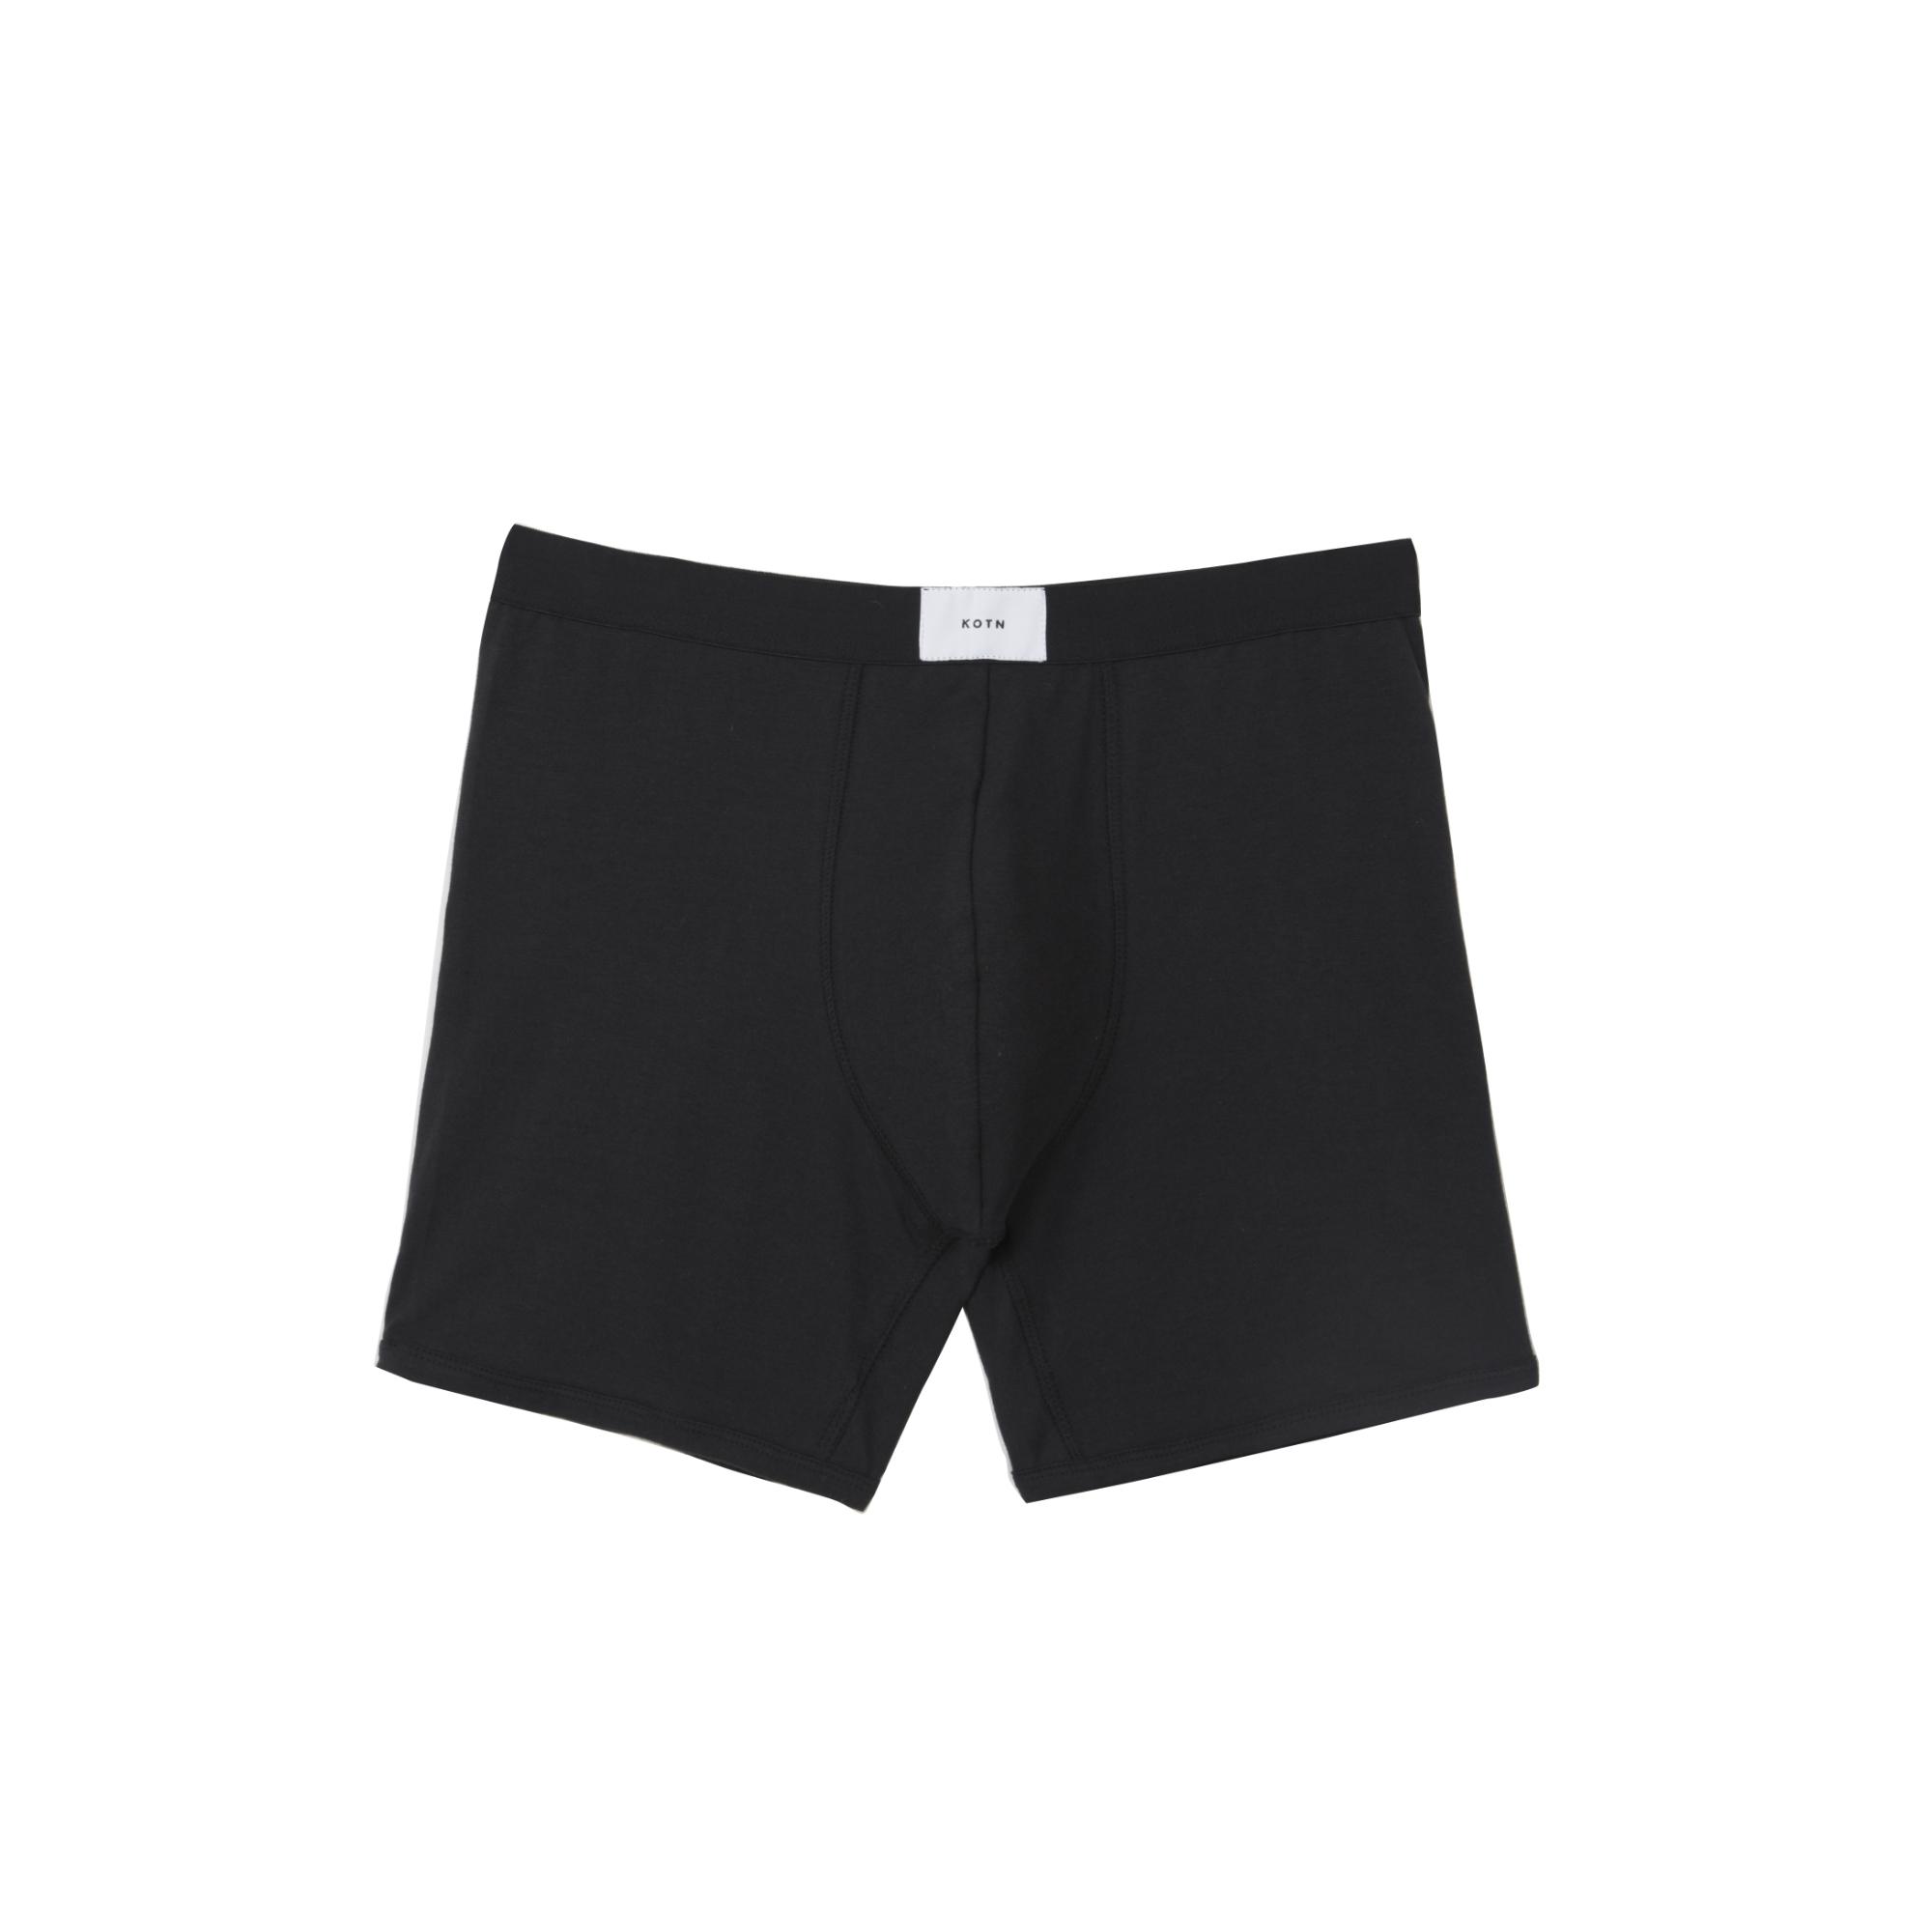 Kotn Black Underwear